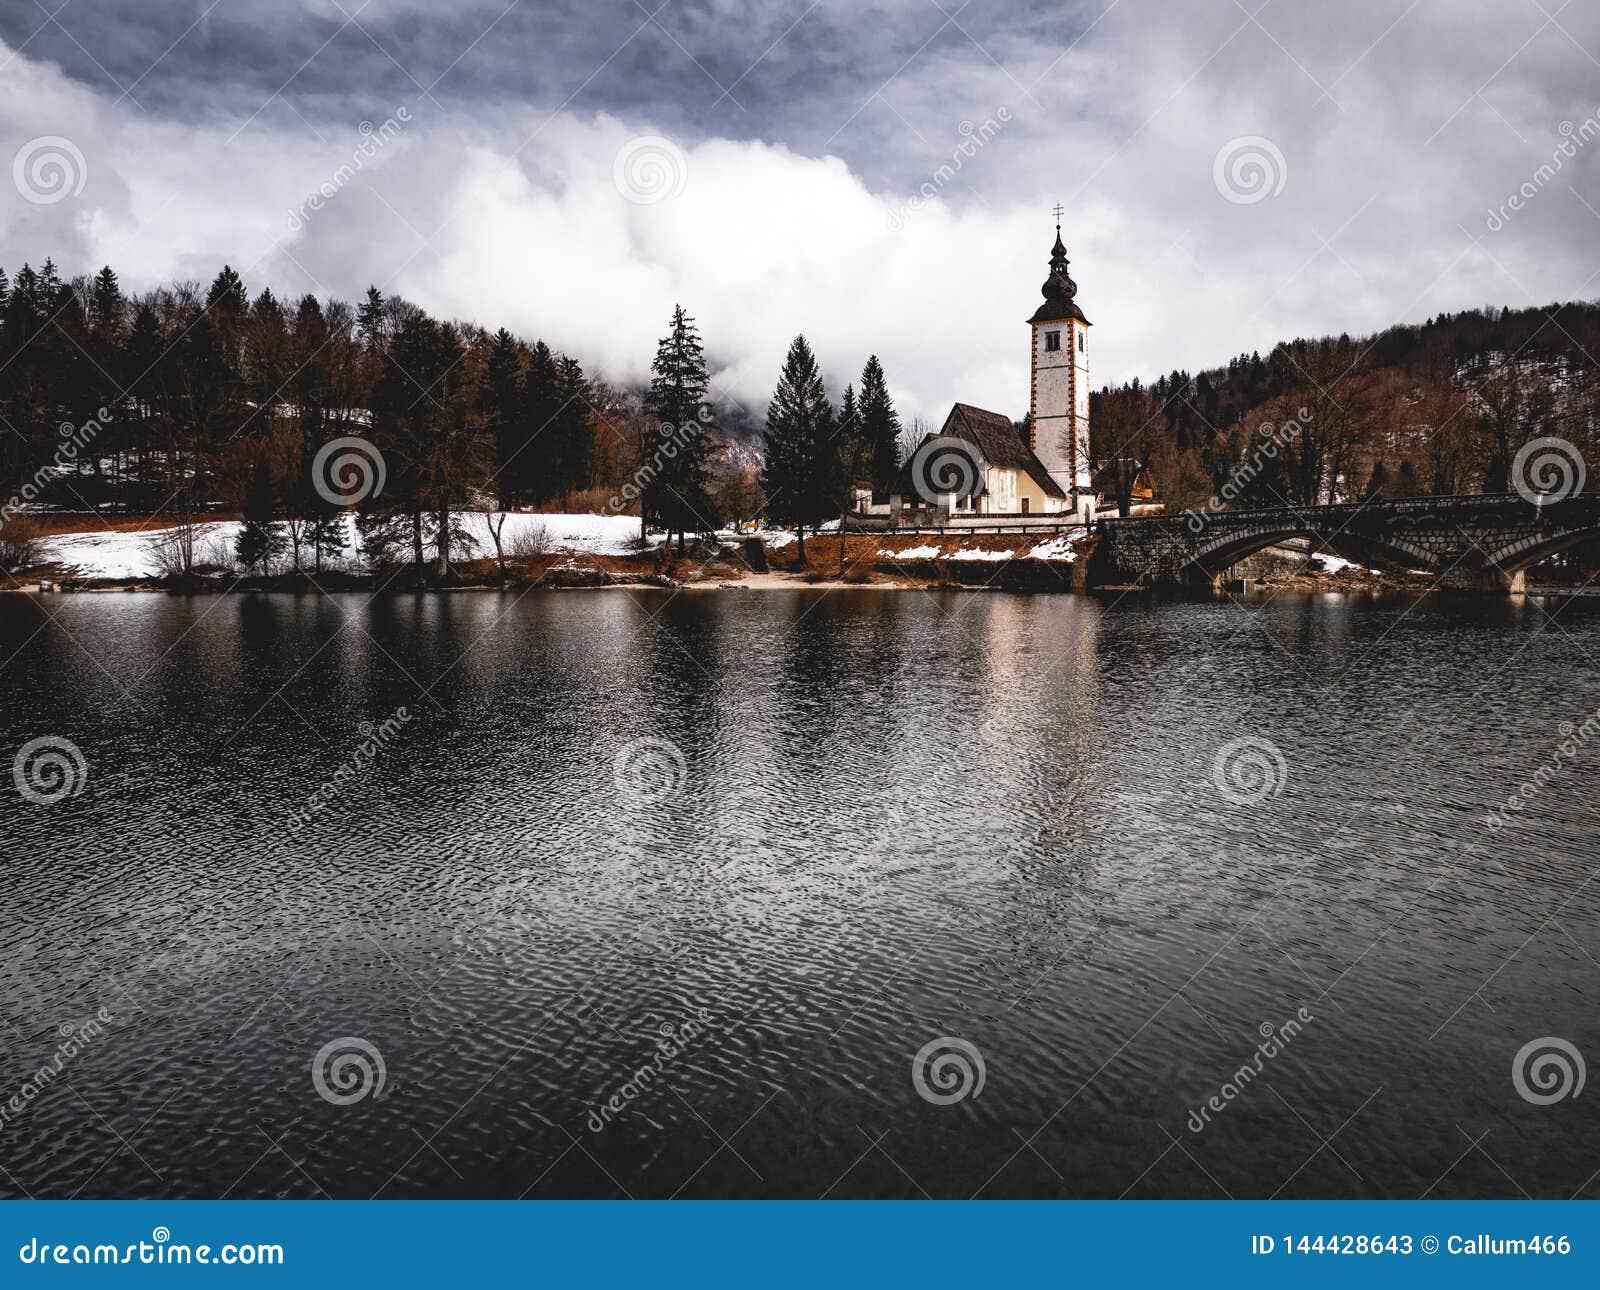 Δευτερεύουσα εκκλησία λιμνών με το δασώδες υπόβαθρο